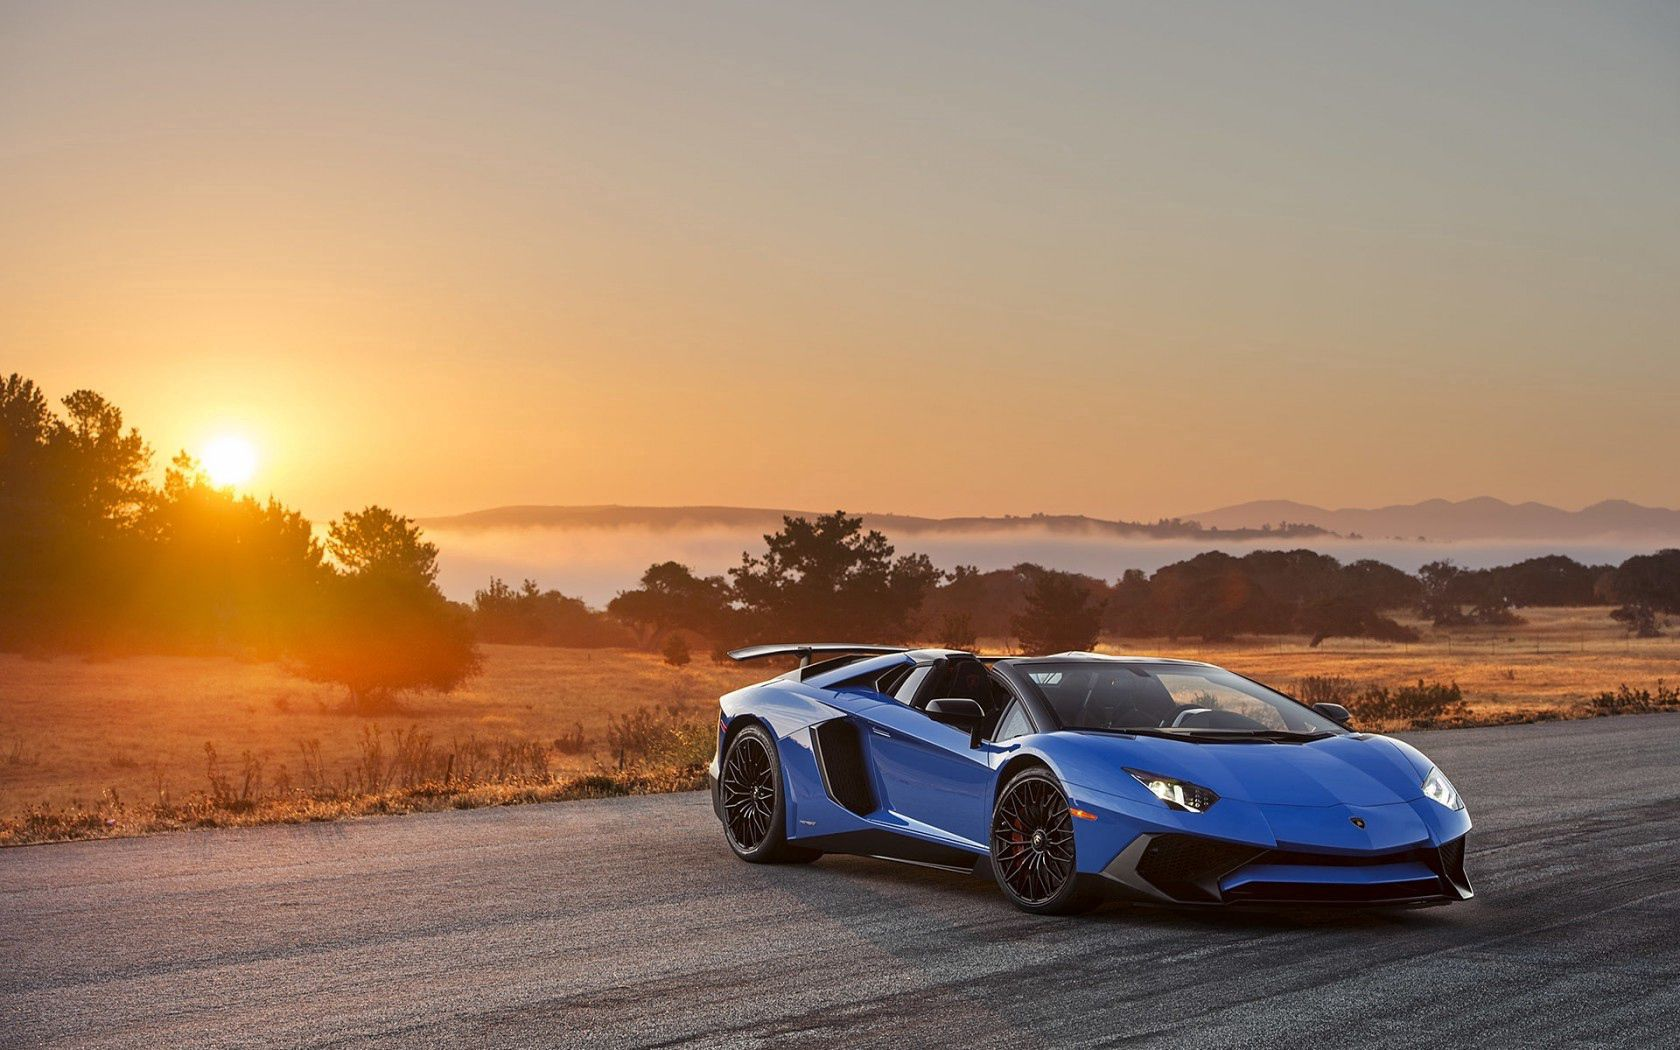 77152 papel de parede 2160x3840 em seu telefone gratuitamente, baixe imagens Lamborghini, Carros, Vista Lateral, Aventador, Lp-750 2160x3840 em seu celular